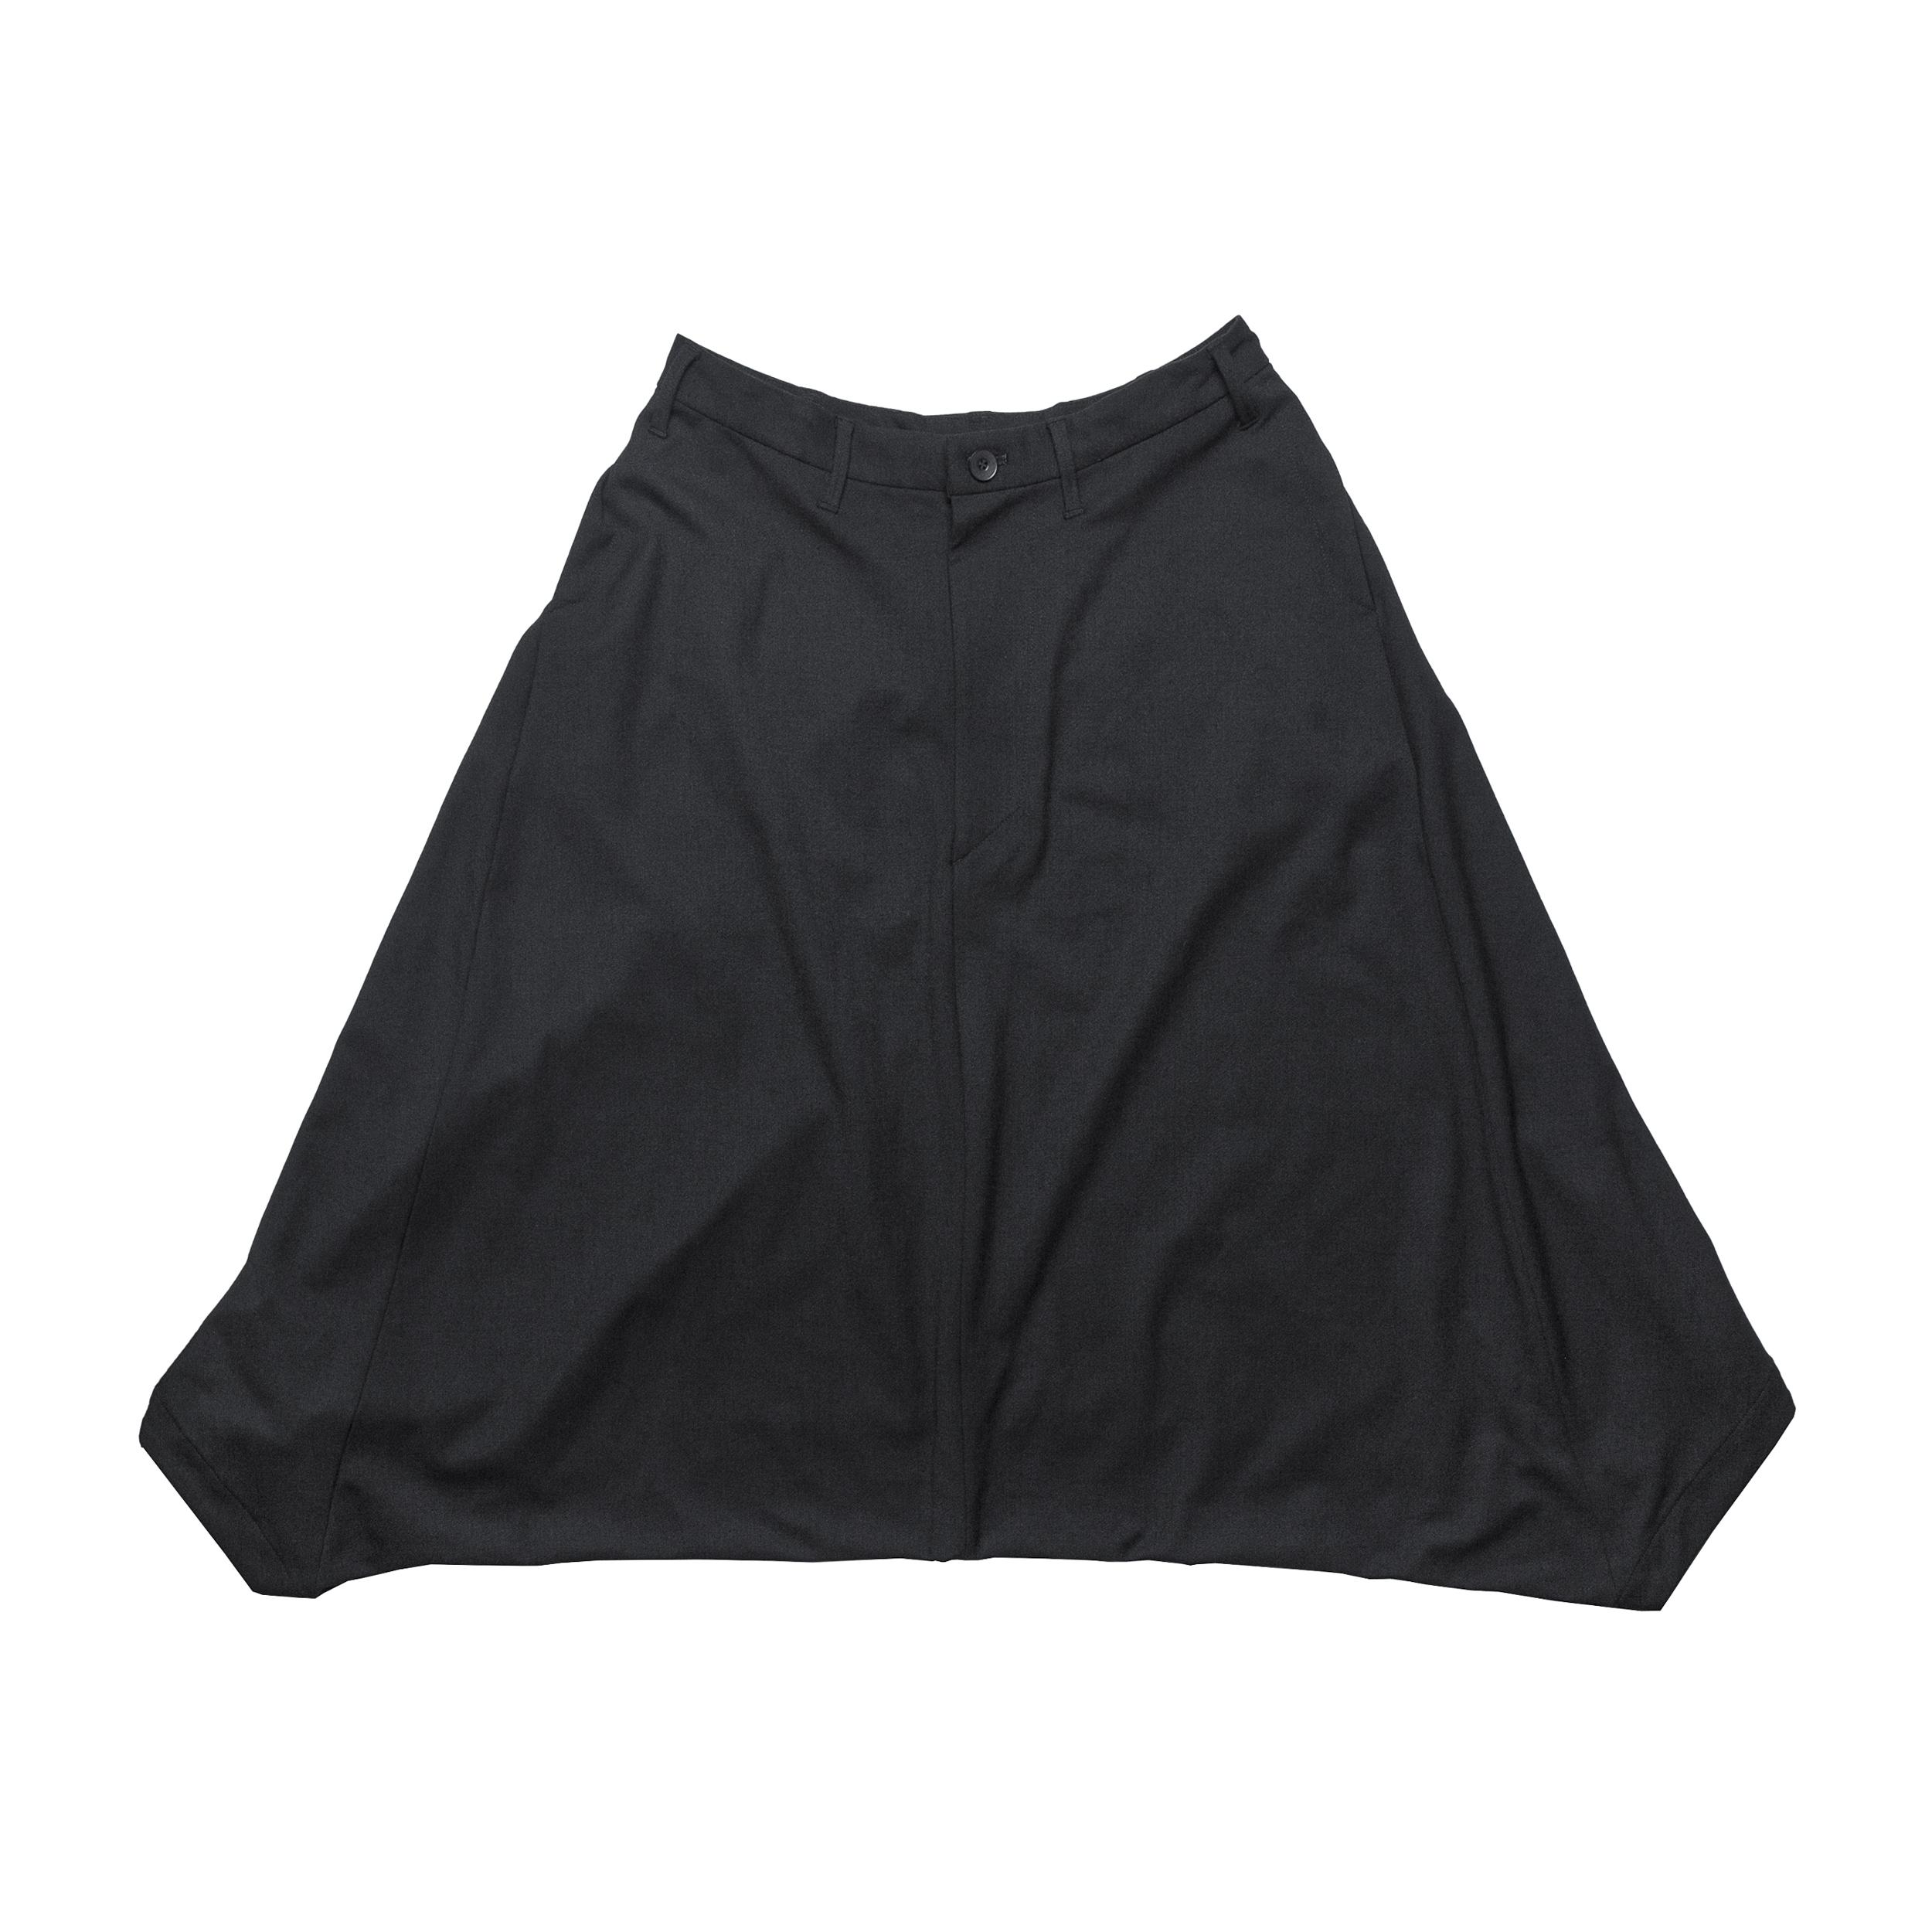 678PAM3-BLACK / サルエルカイトパンツ